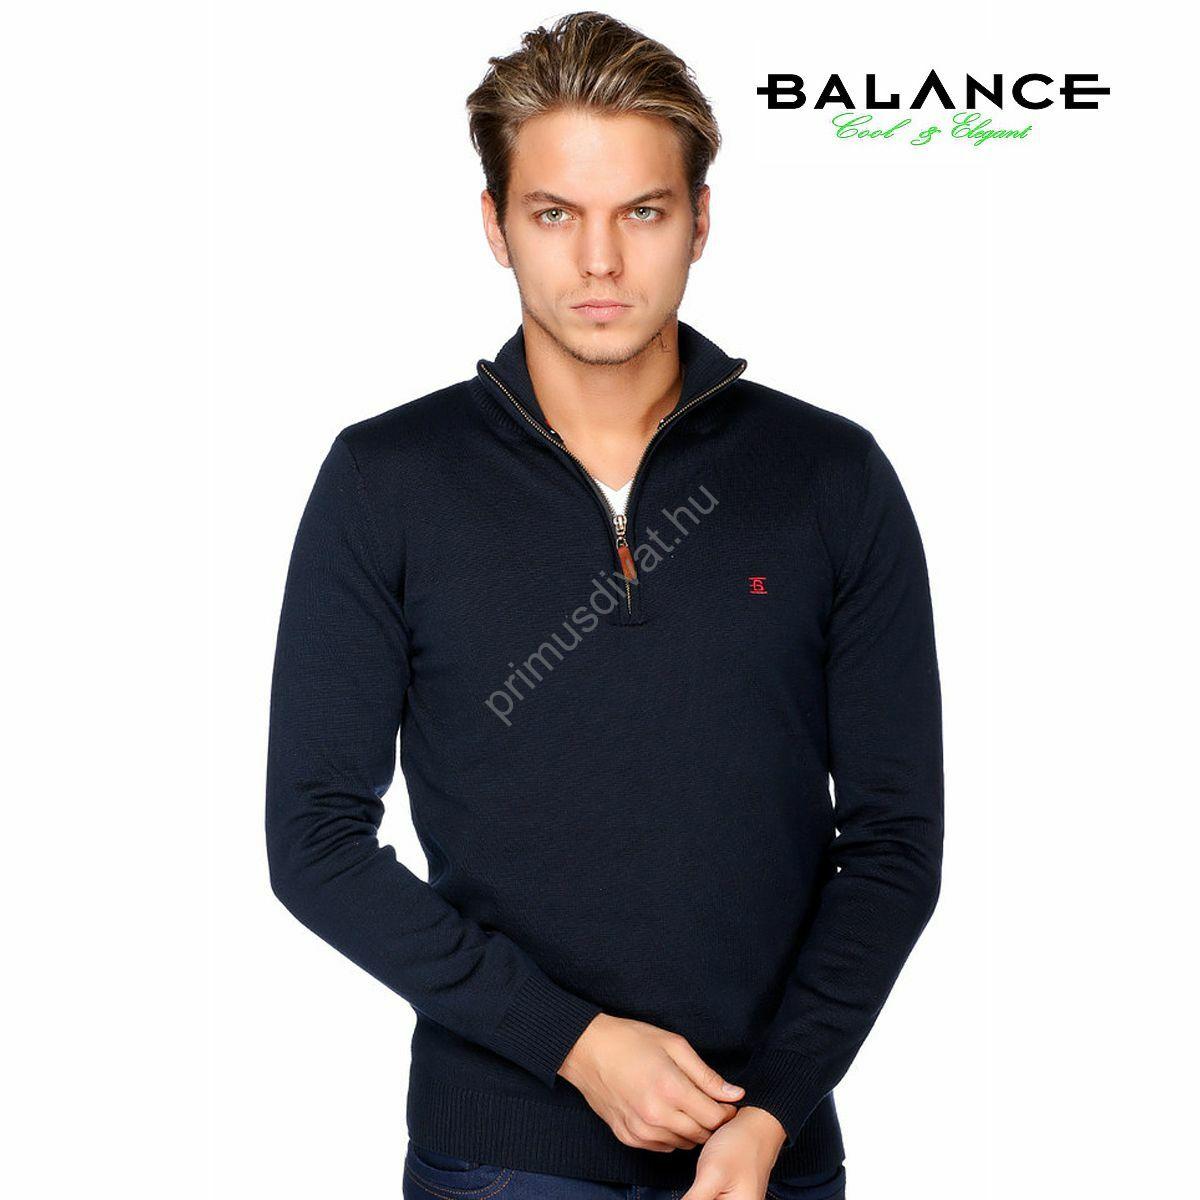 afb5ba3506 Kép 1/2 - Balance cipzáras nyakú vékony kötött pamut pulóver, sötétkék